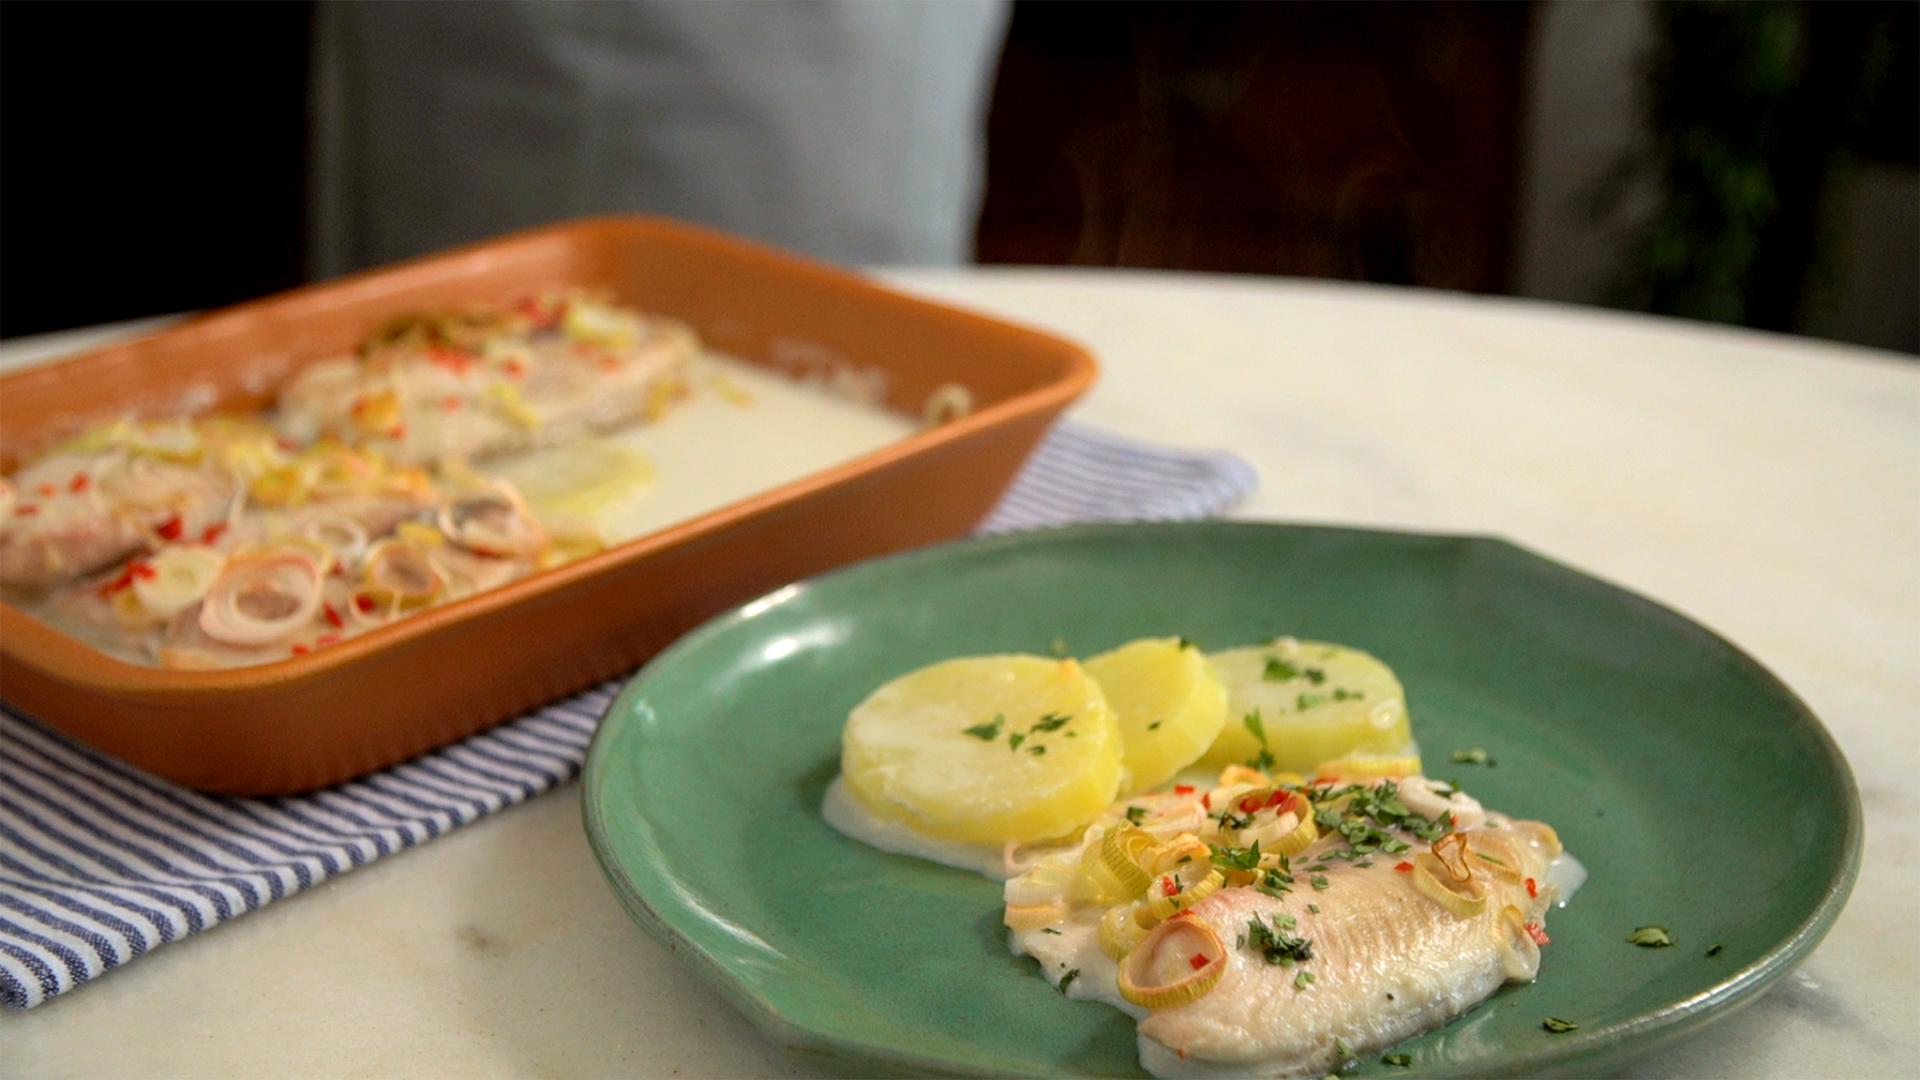 receita de filé de peixe no forno com creme de leite